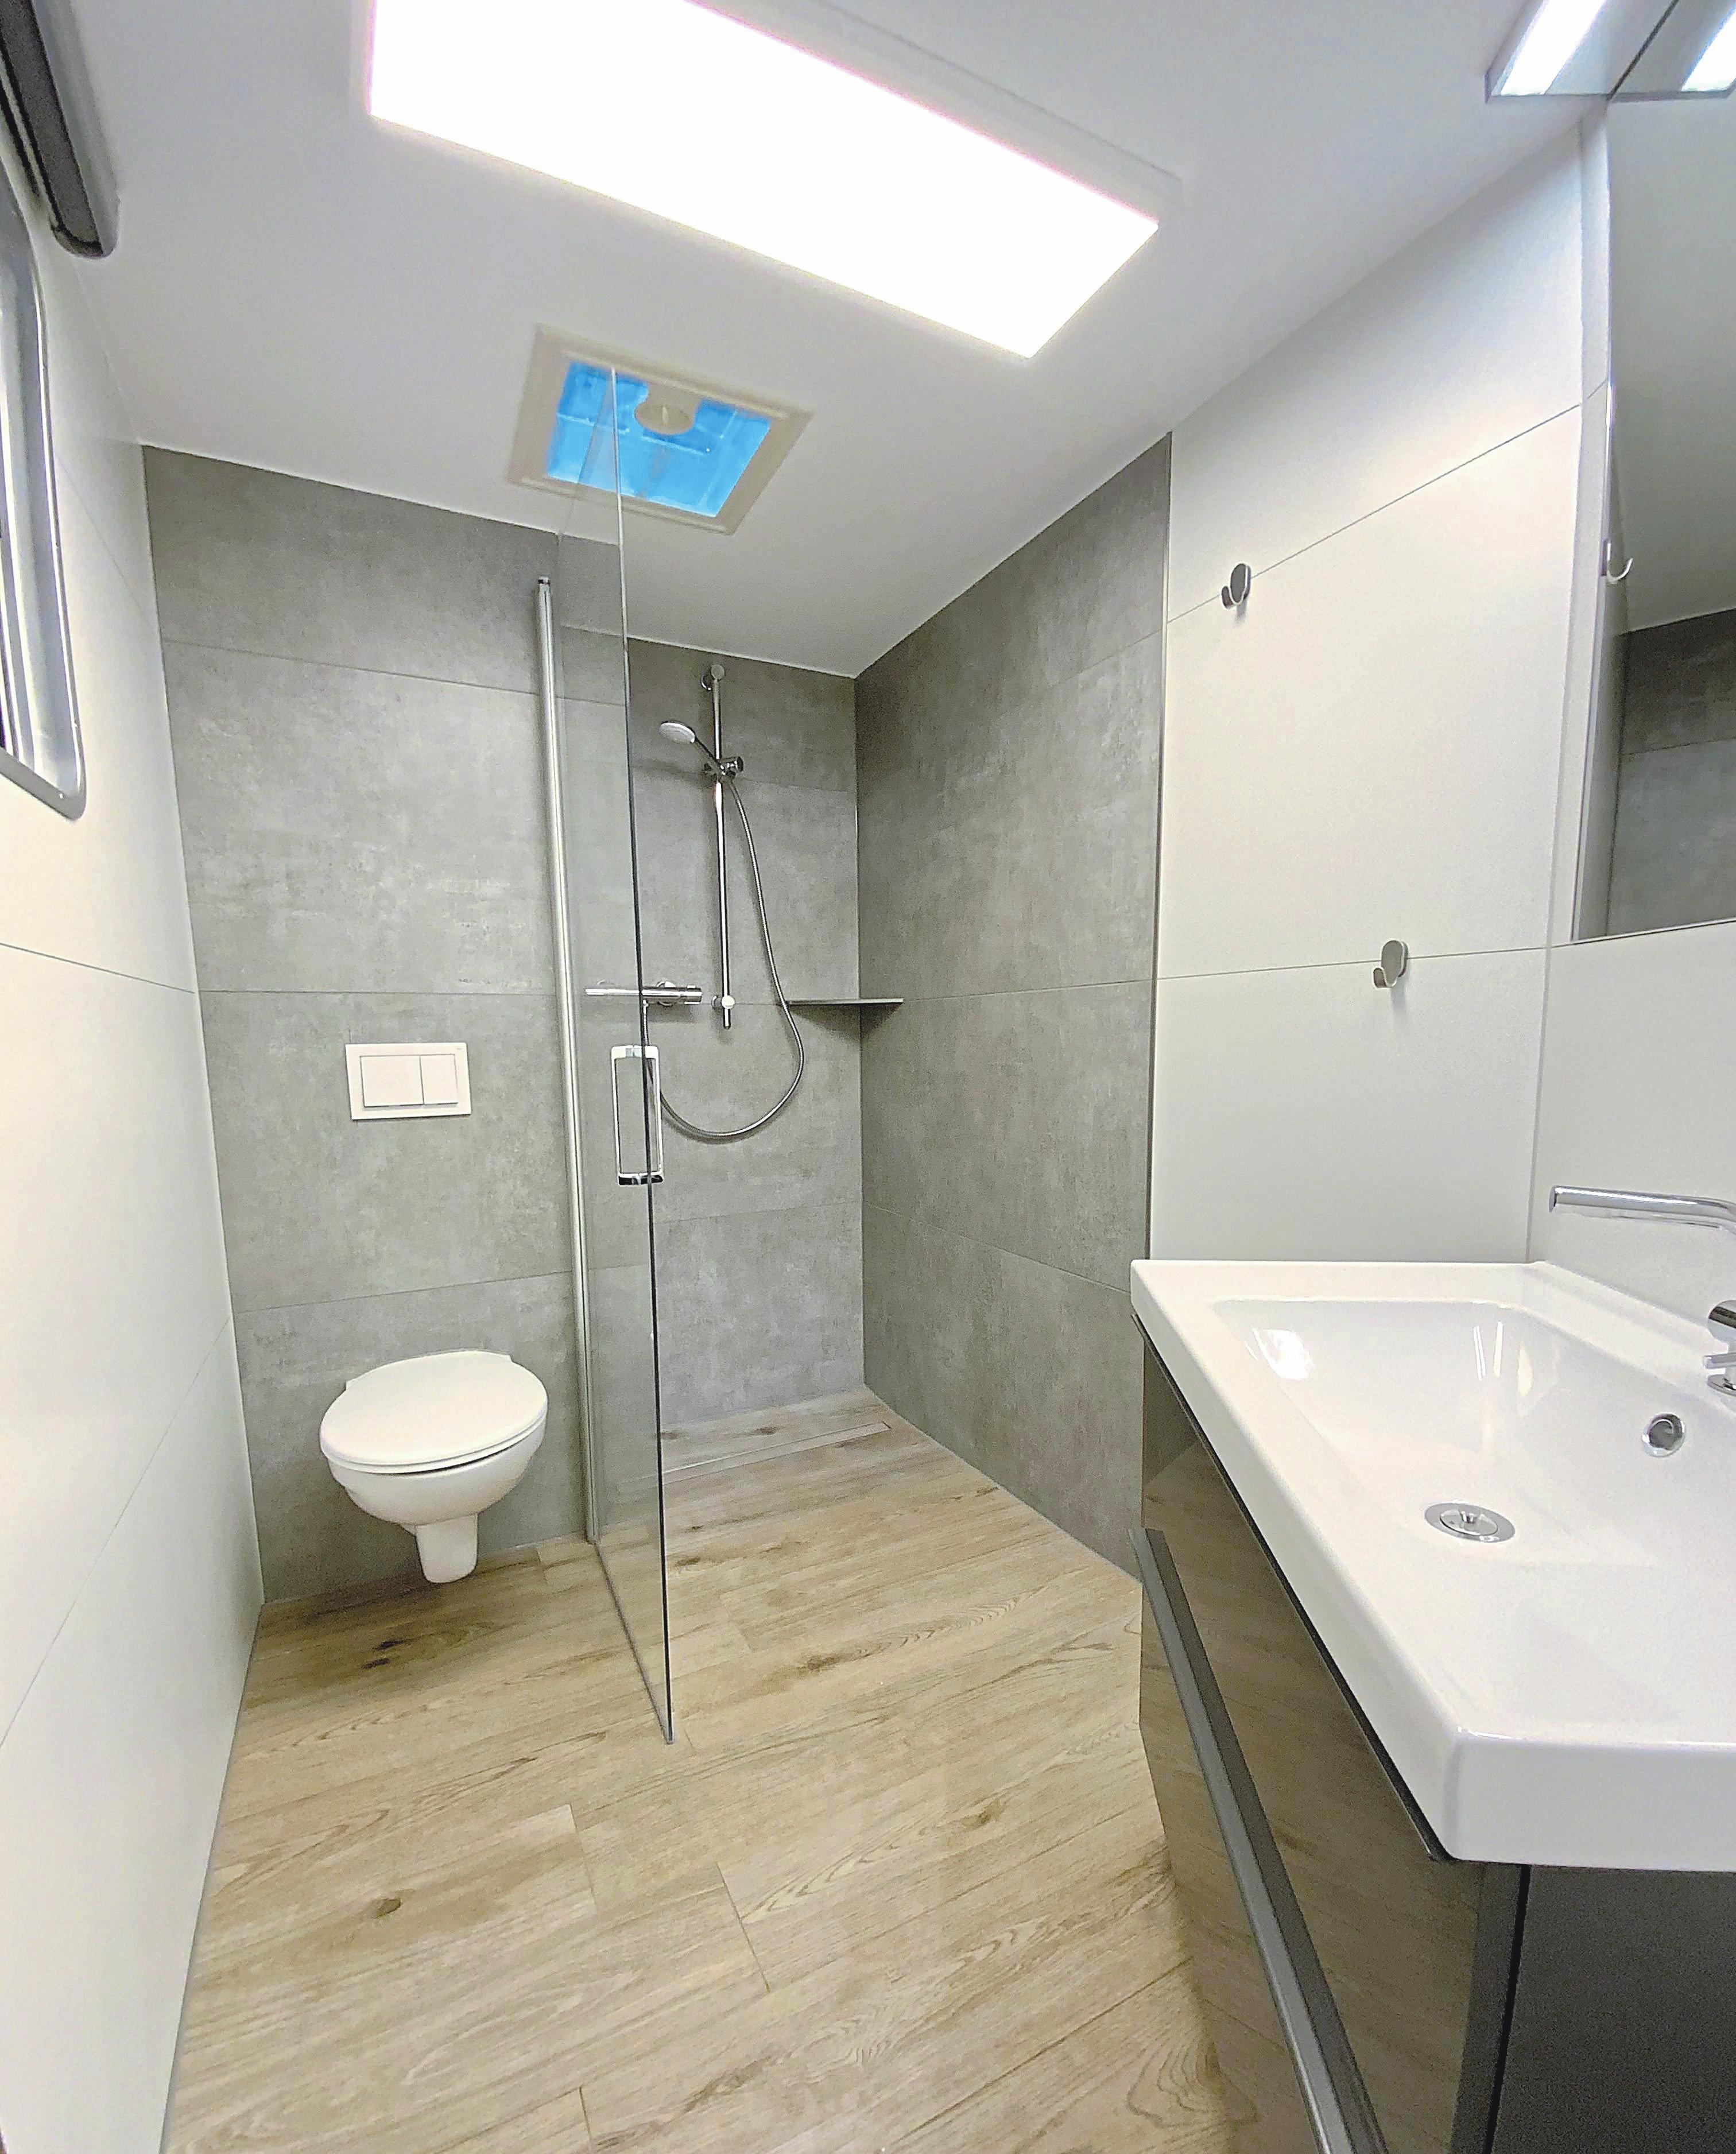 Mobiles Badezimmer Fur Die Baustelle Lokales Westfalische Nachrichten